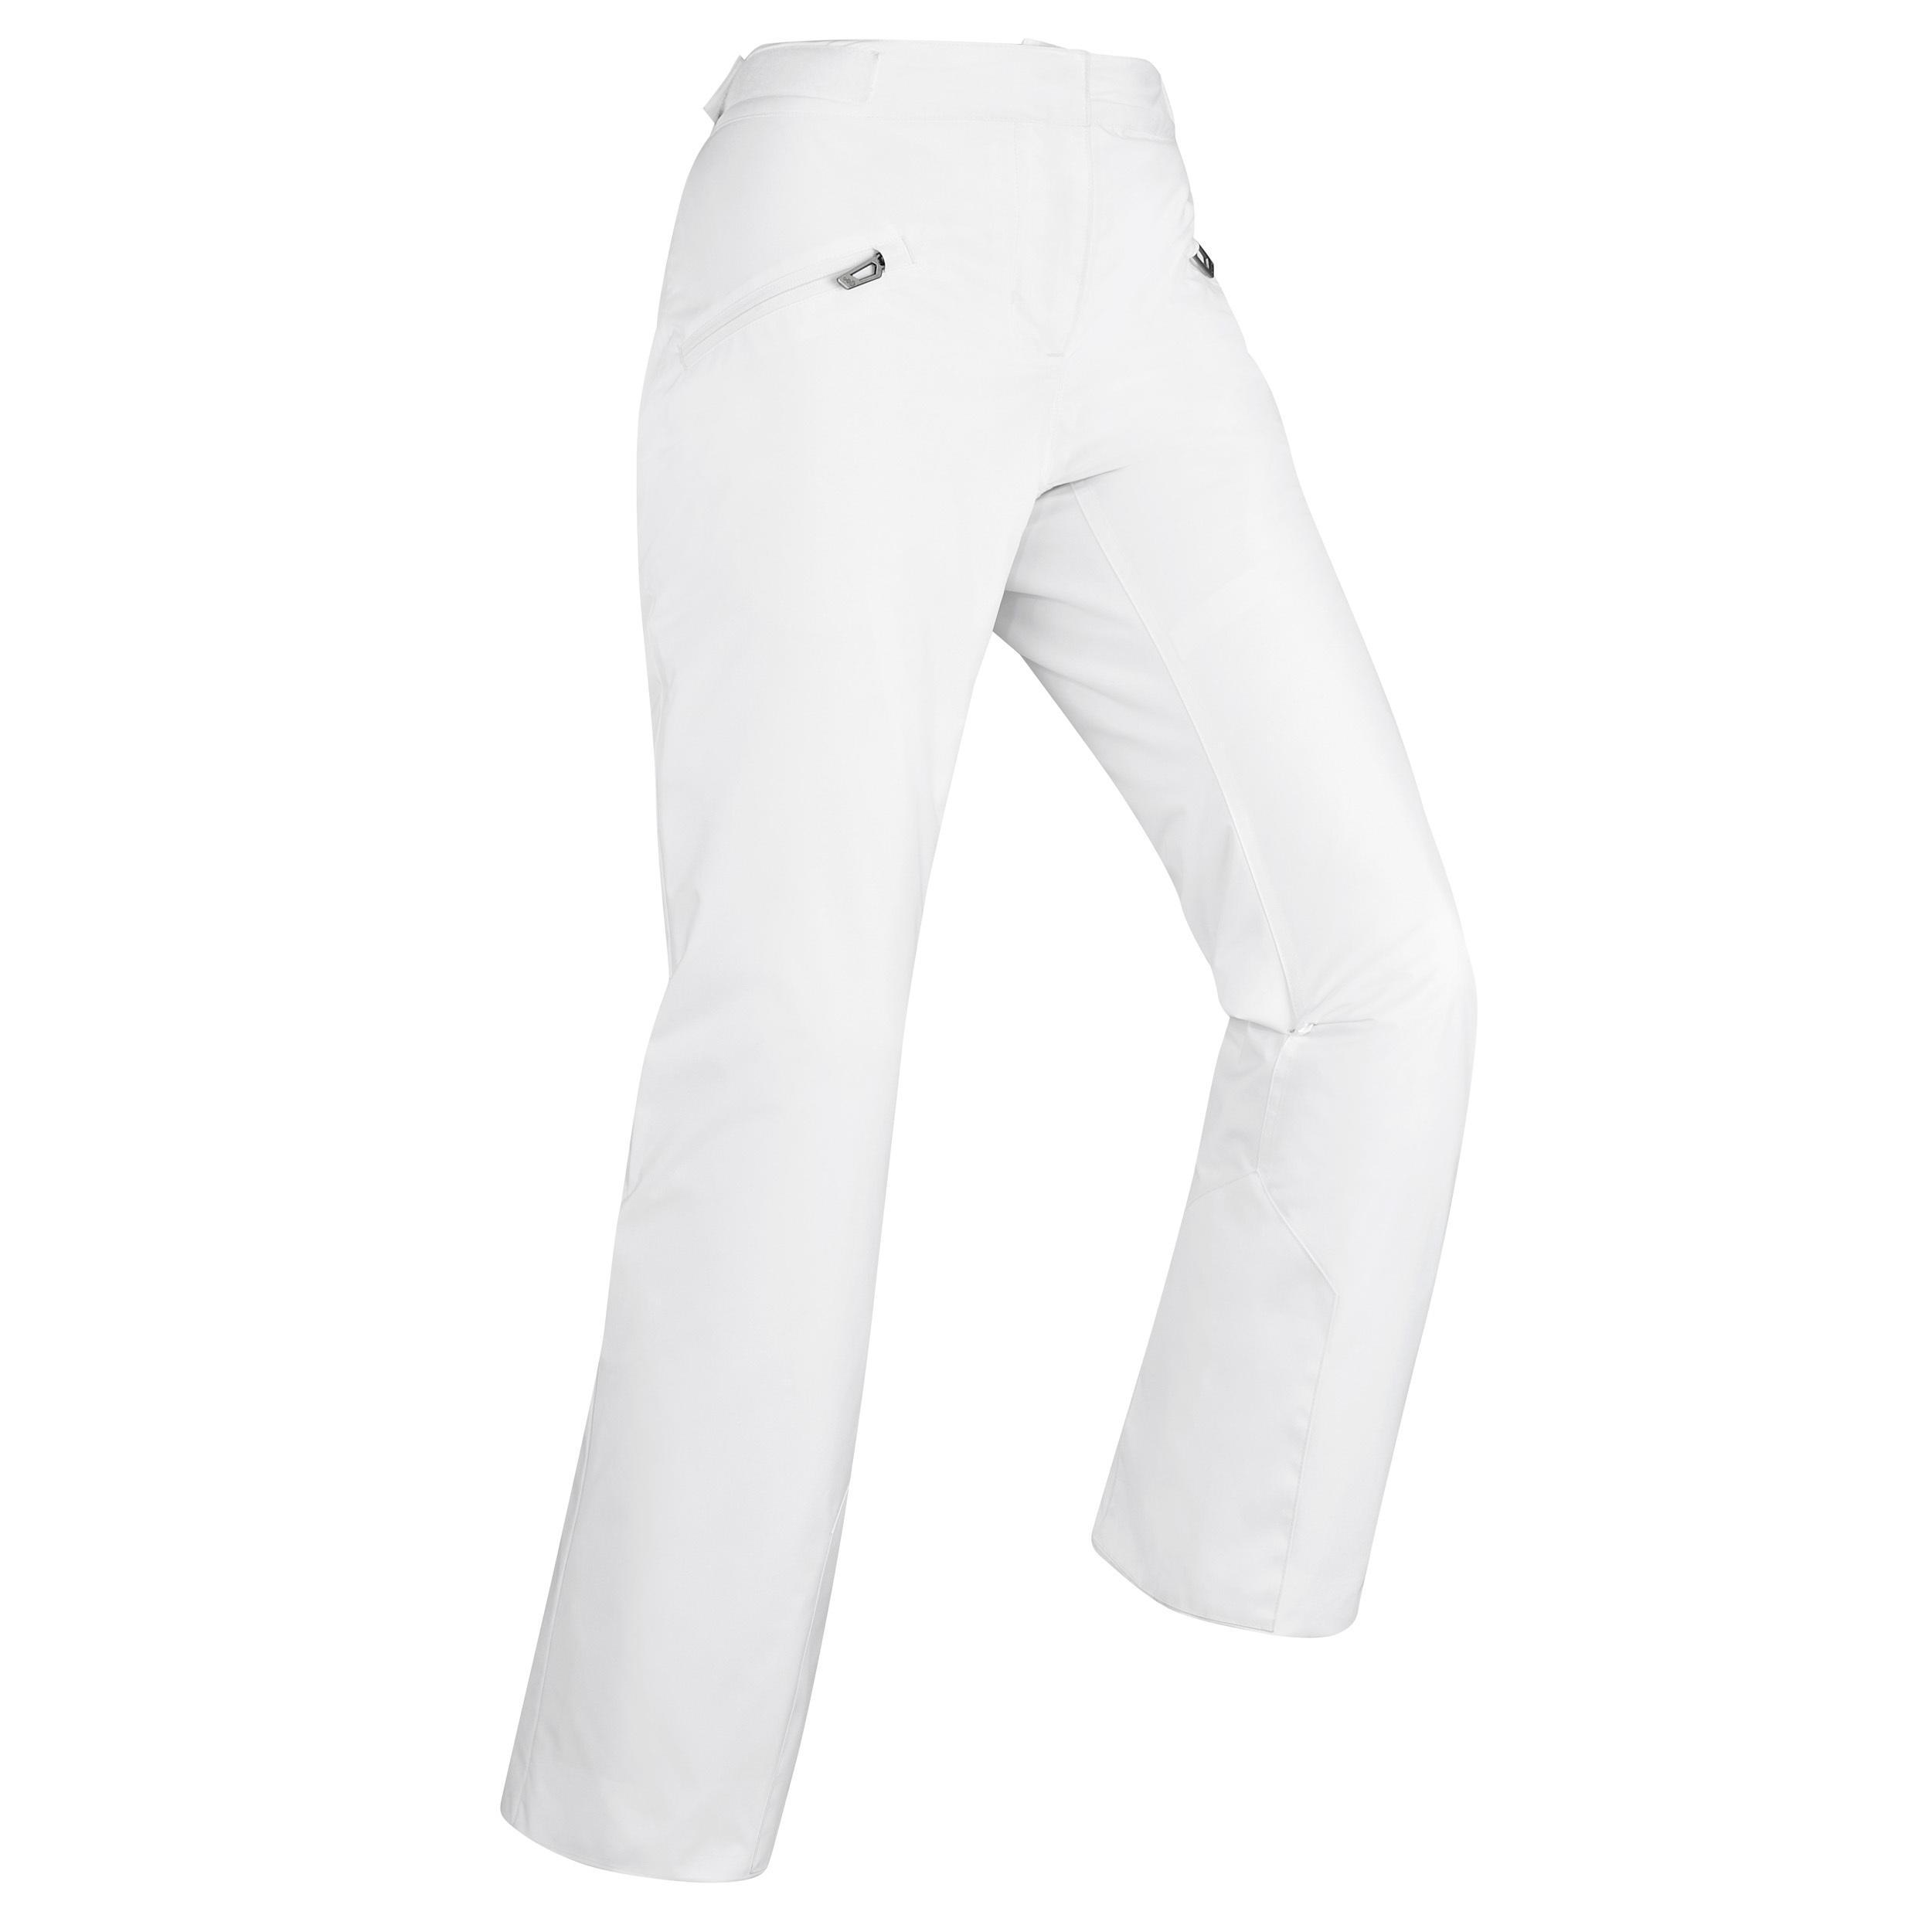 Pantalon Schi 180 Damă imagine